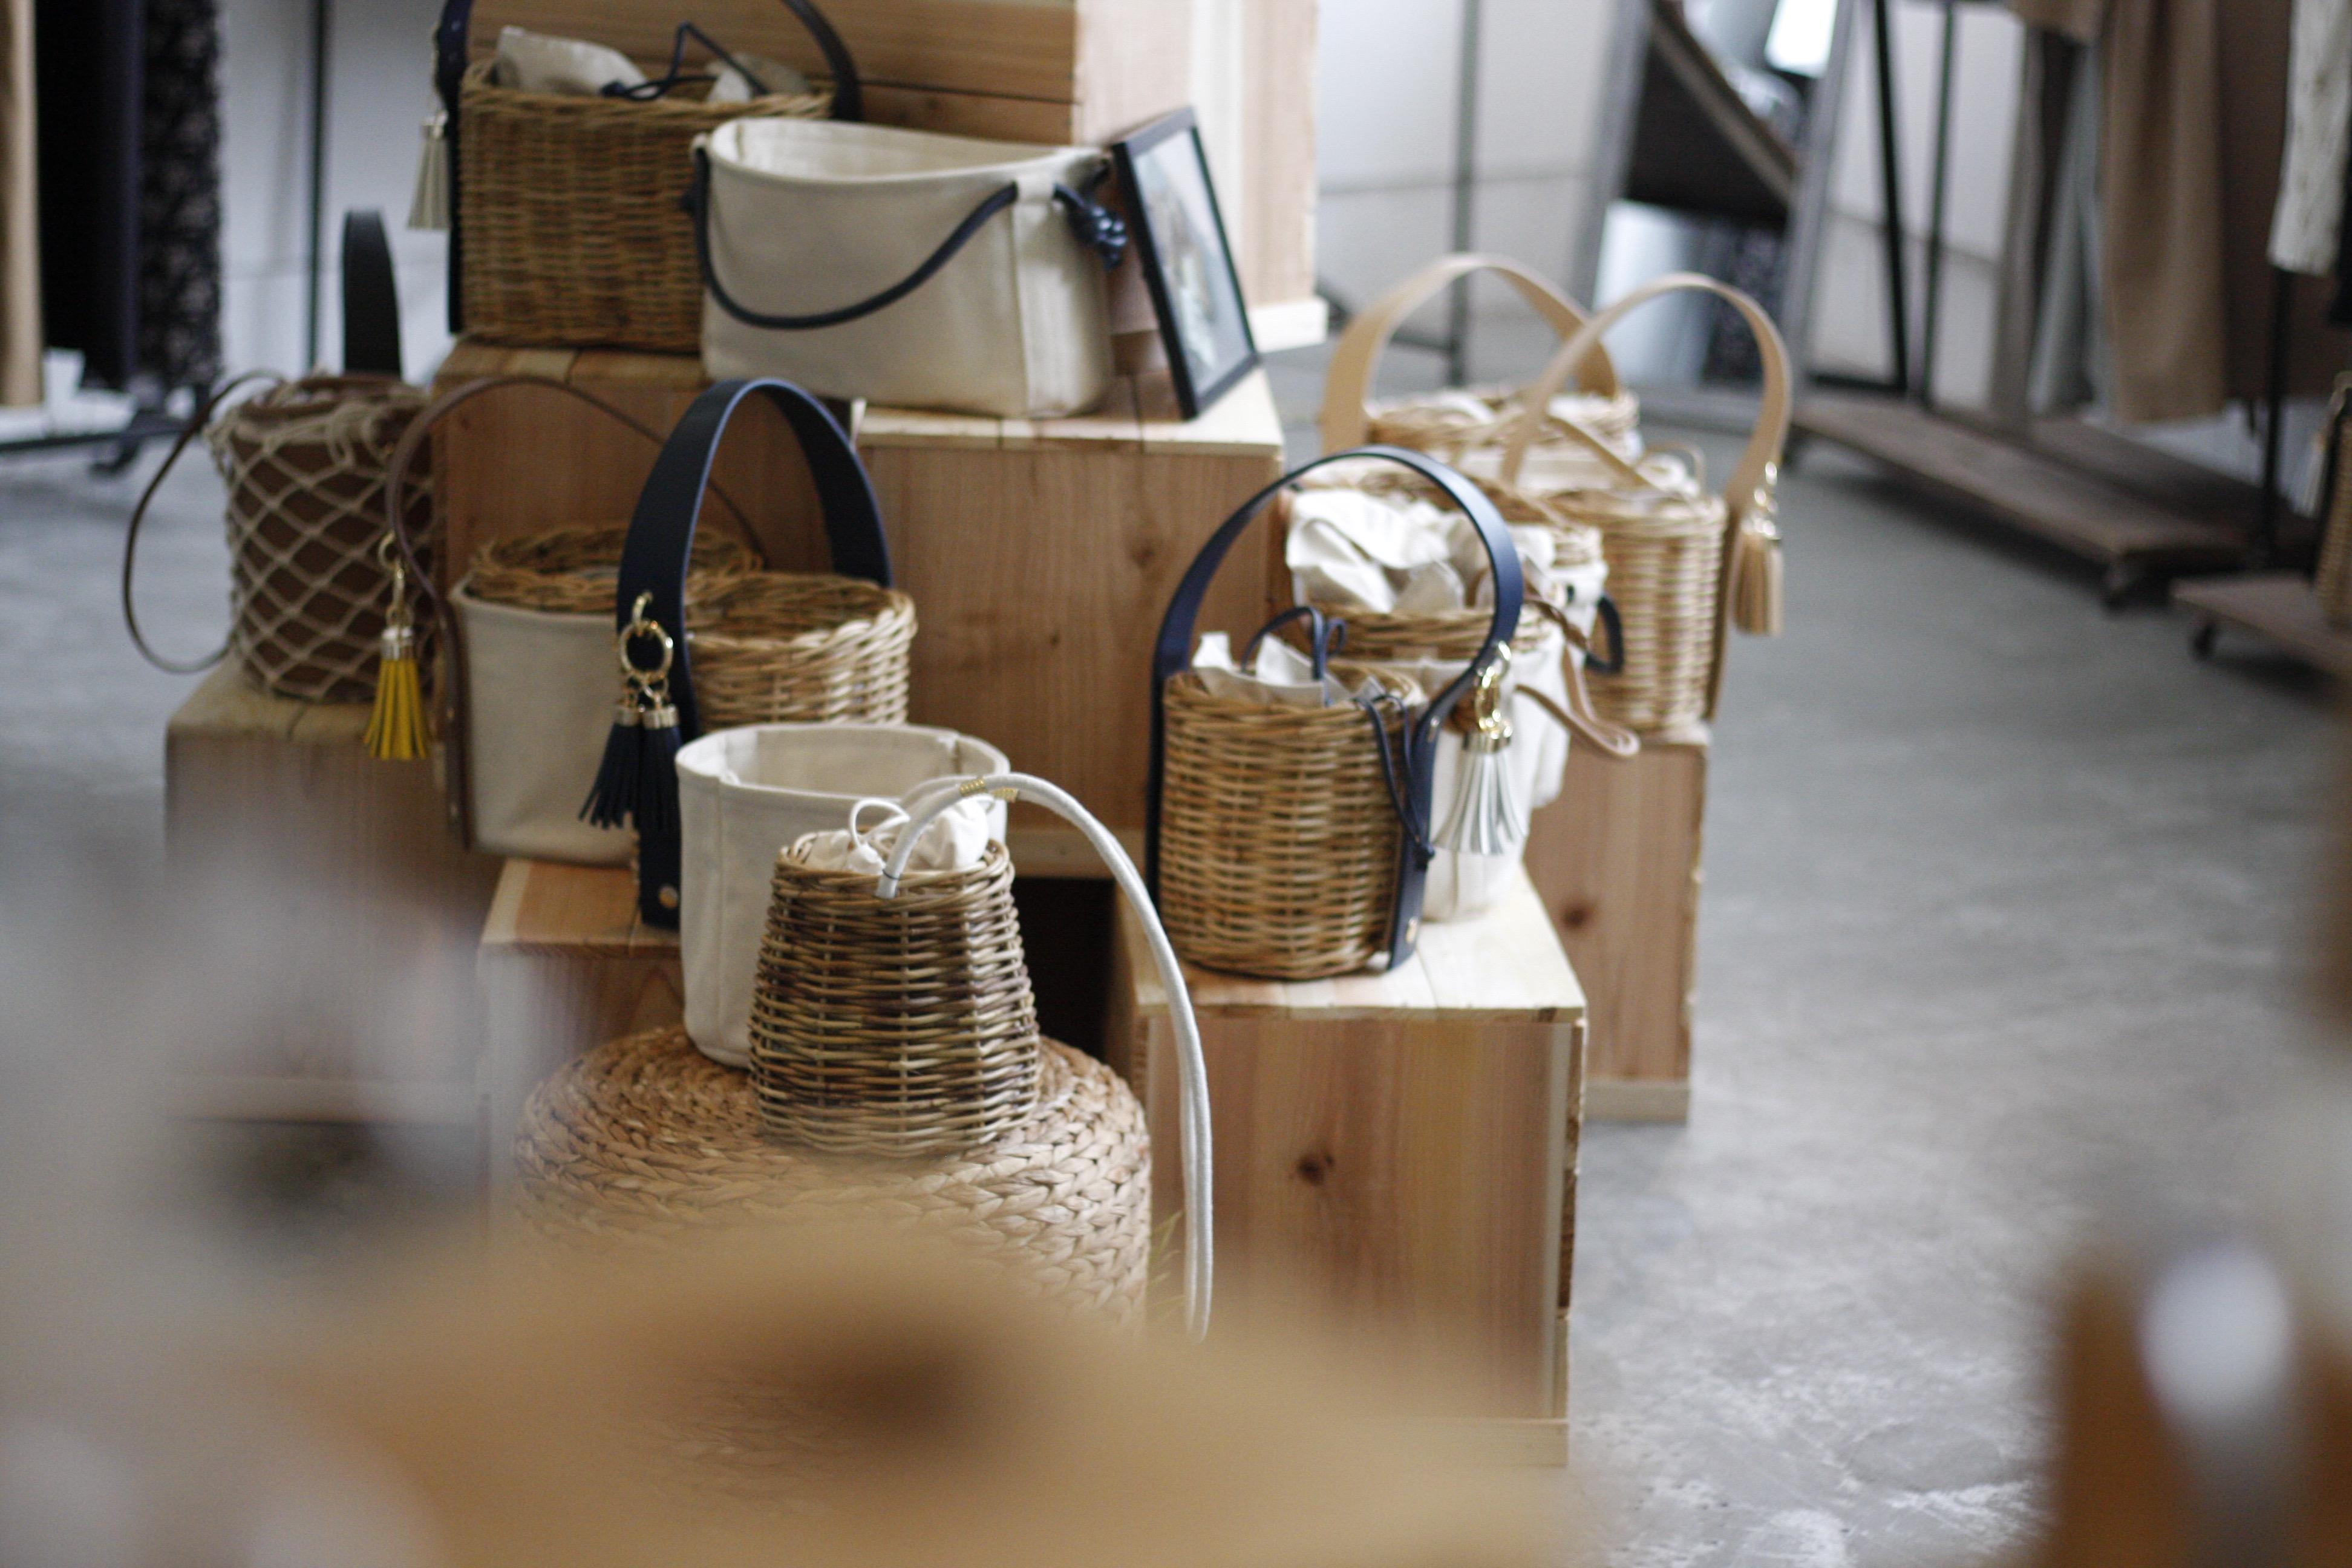 コーヒー ケータリング URBAN LOCAL LIVING 東京 カフェ コーヒースタンド 展示会 amongout marjour